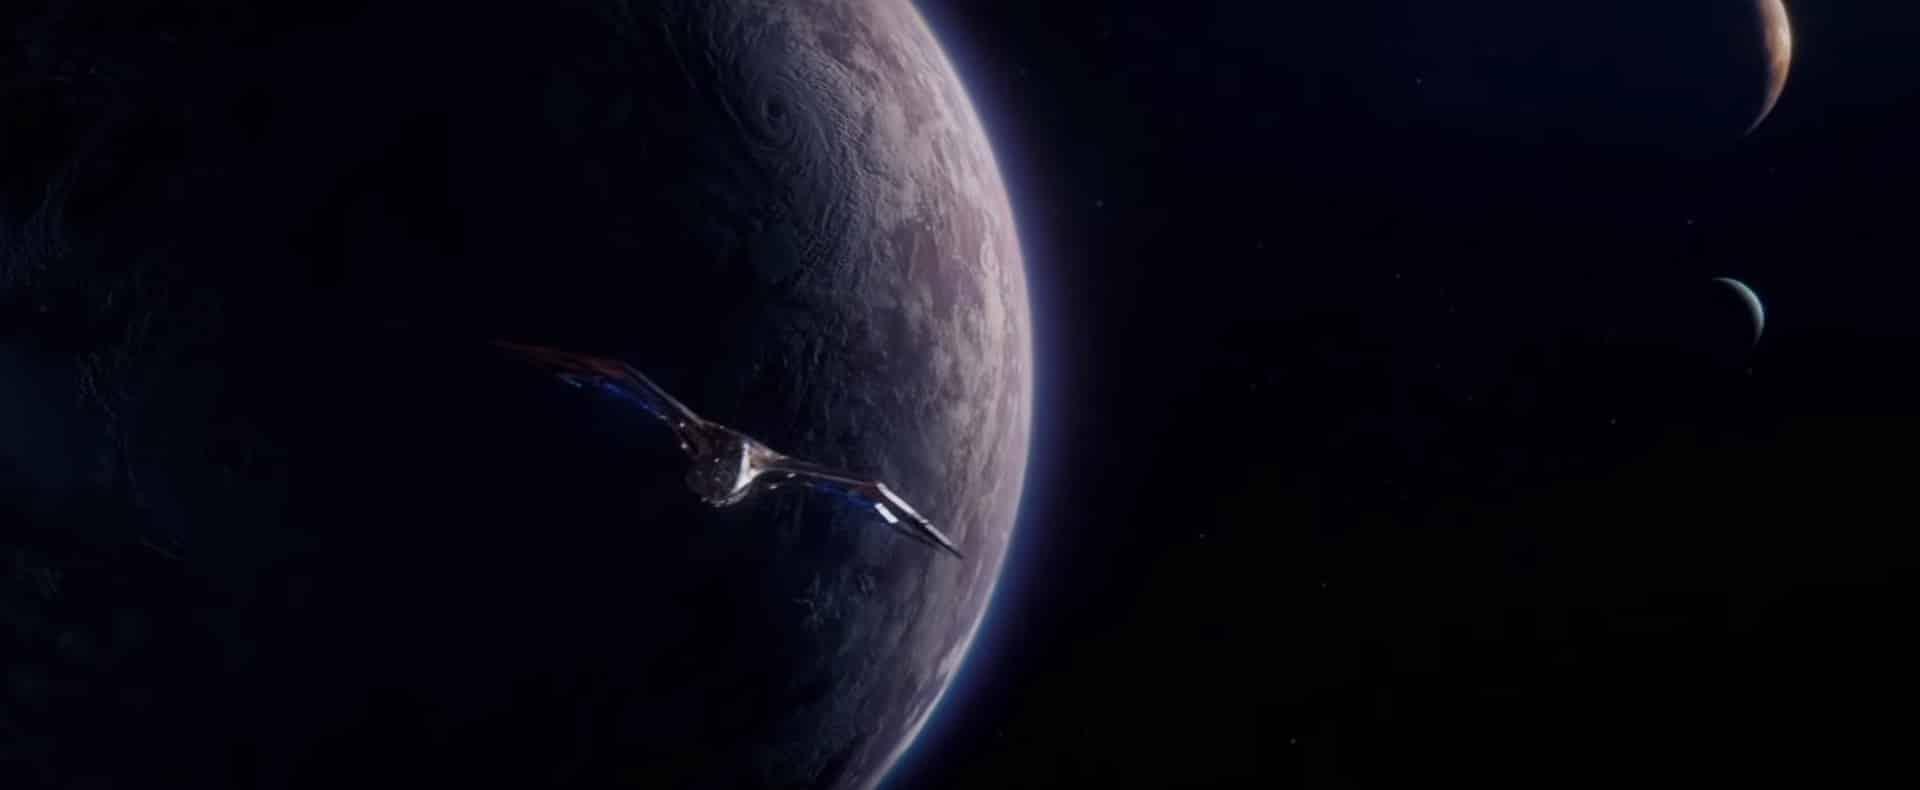 La milano en el espacio